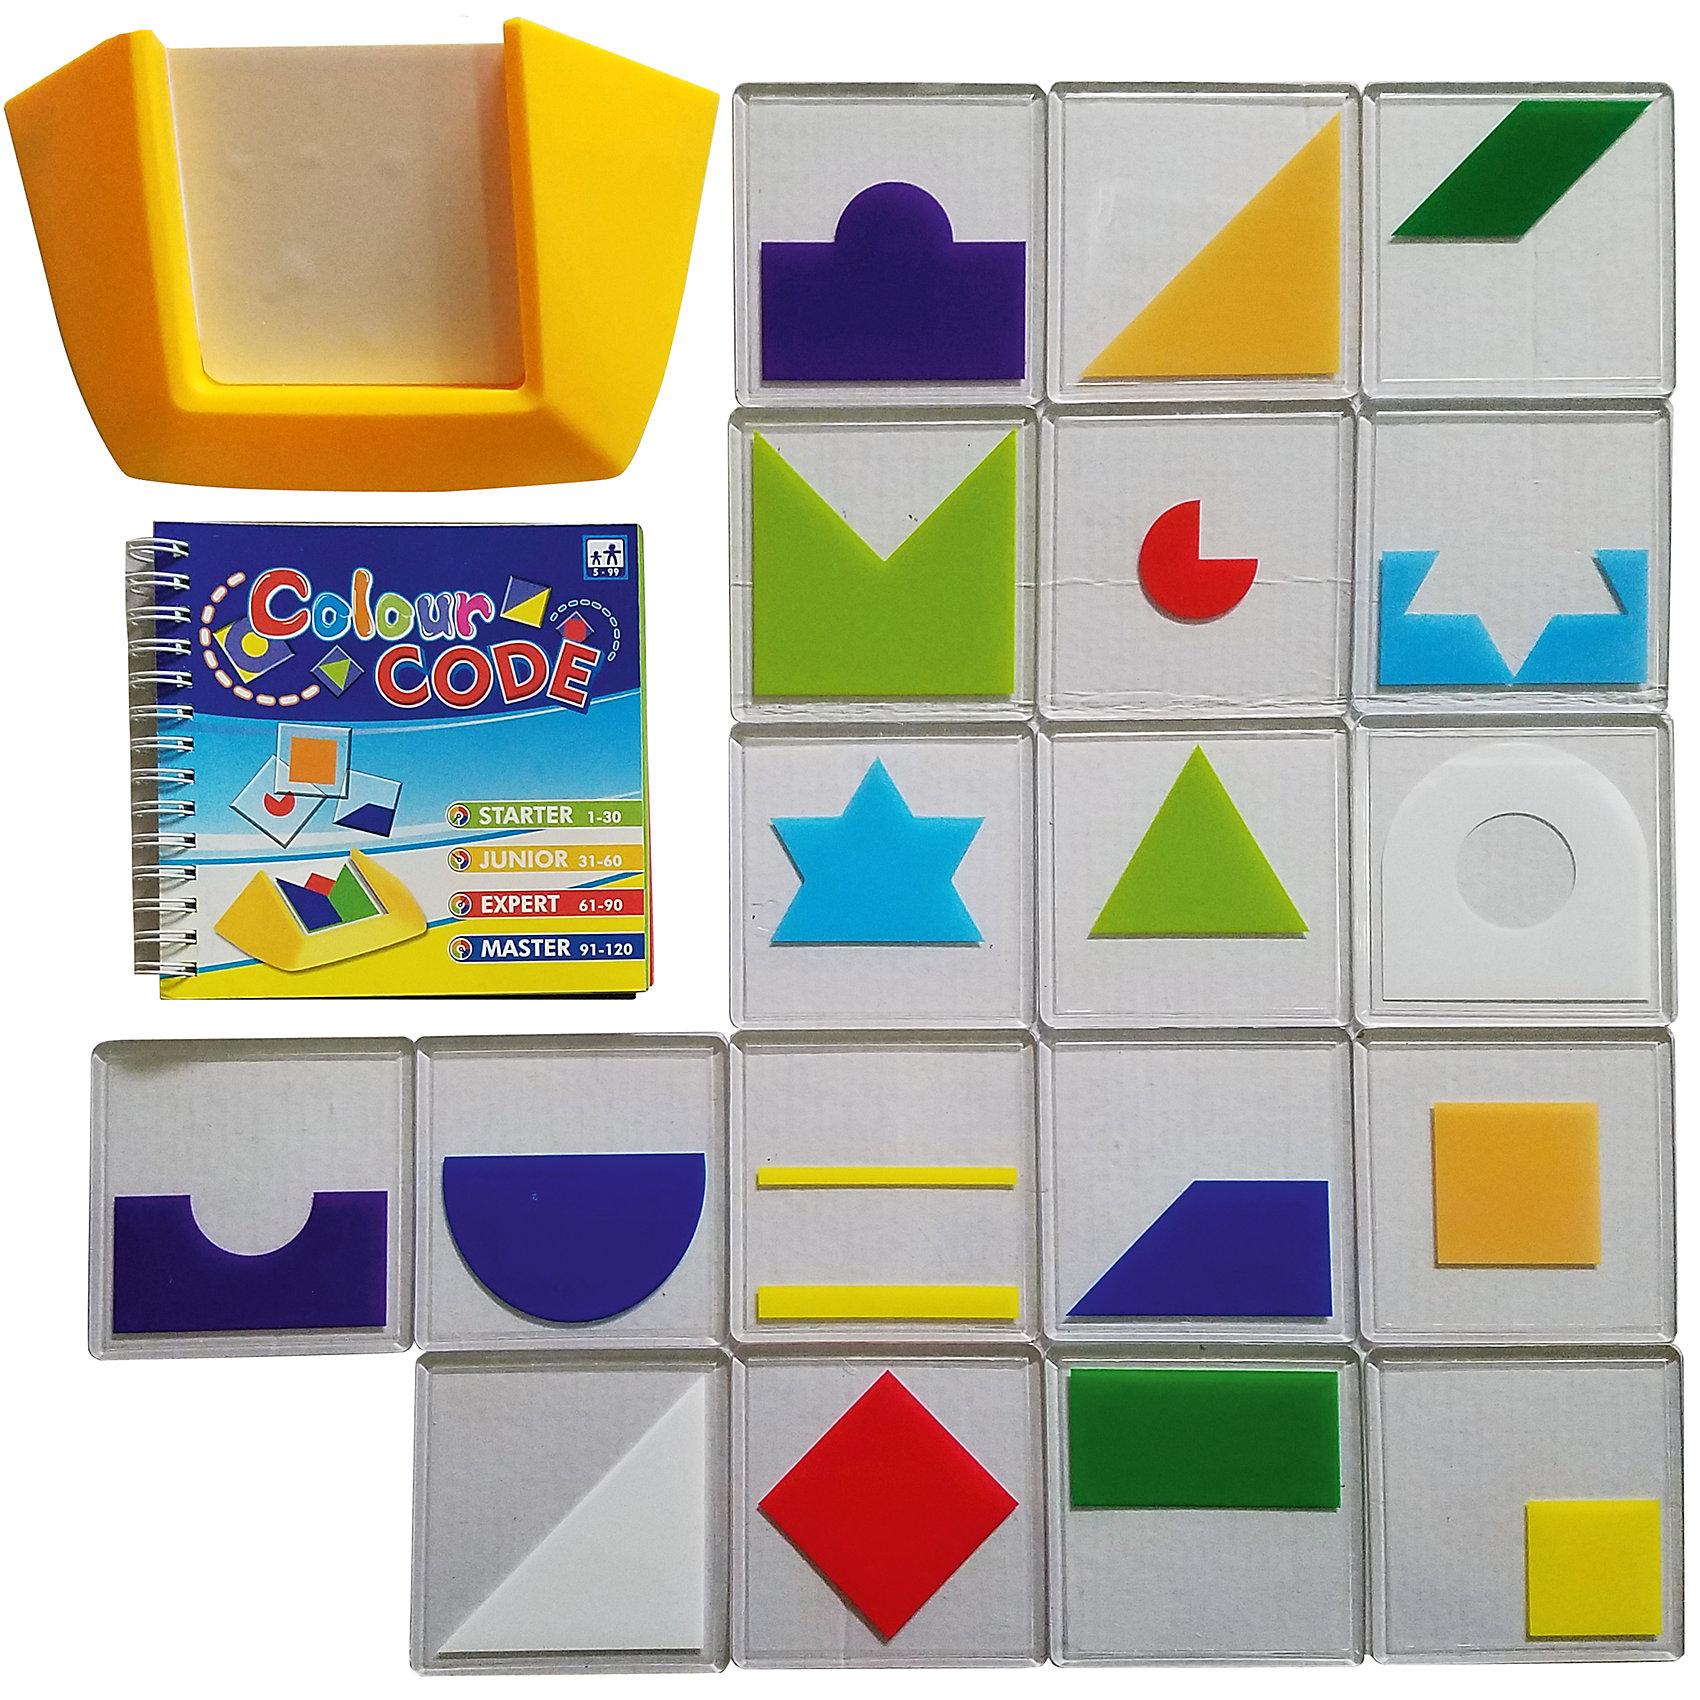 Игра Цветовой код, Icoy ToysСтратегические настольные игры<br>Логическая игра ICOY TOYS Цветовой код - эта игра – просто взрыв красок! Весь мир насыщен разнообразными цветами и сотнями их оттенков, а многие из них являются таинственным зашифрованным кодом, читать который мы учимся всю жизнь. Зеленый - цвет летней травы и листвы деревьев, желтый – цвет солнца и радости, красный – цвет тюльпанов и маминой помады.<br><br>Игра Цветовой код поможет не заблудиться в цветовом разнообразии жизни! Увлекательная игра для взрослых и детей с огромным количеством вариантов заданий. Нужно сложить плитки таким образом, чтобы воспроизвести композицию из карточки с выбранным заданием. При решении поставленной задачи надо правильно скомбинировать цвета, формы и последовательность расположения плиток. Правильно выполнить задание поможет внимание, логика и терпение.<br><br>Рекомендуем играть в Цветовой код вместе с детьми. Логическая игра - прекрасный способ весело и с пользой провести свободное время с ребенком!<br><br>Количество игроков: от 1 человека.<br>Размеры подставки: 19 см х 10,5 см х 5 см.<br>Размеры плиток: 8,5 см х 8,5 см<br>Количество плиток: 18 шт.<br>Размеры упаковки: 24 см x 24 см x 5 см.<br>Упаковка: картонная коробка.<br><br>Ширина мм: 70<br>Глубина мм: 235<br>Высота мм: 280<br>Вес г: 660<br>Возраст от месяцев: 60<br>Возраст до месяцев: 168<br>Пол: Унисекс<br>Возраст: Детский<br>SKU: 6883975